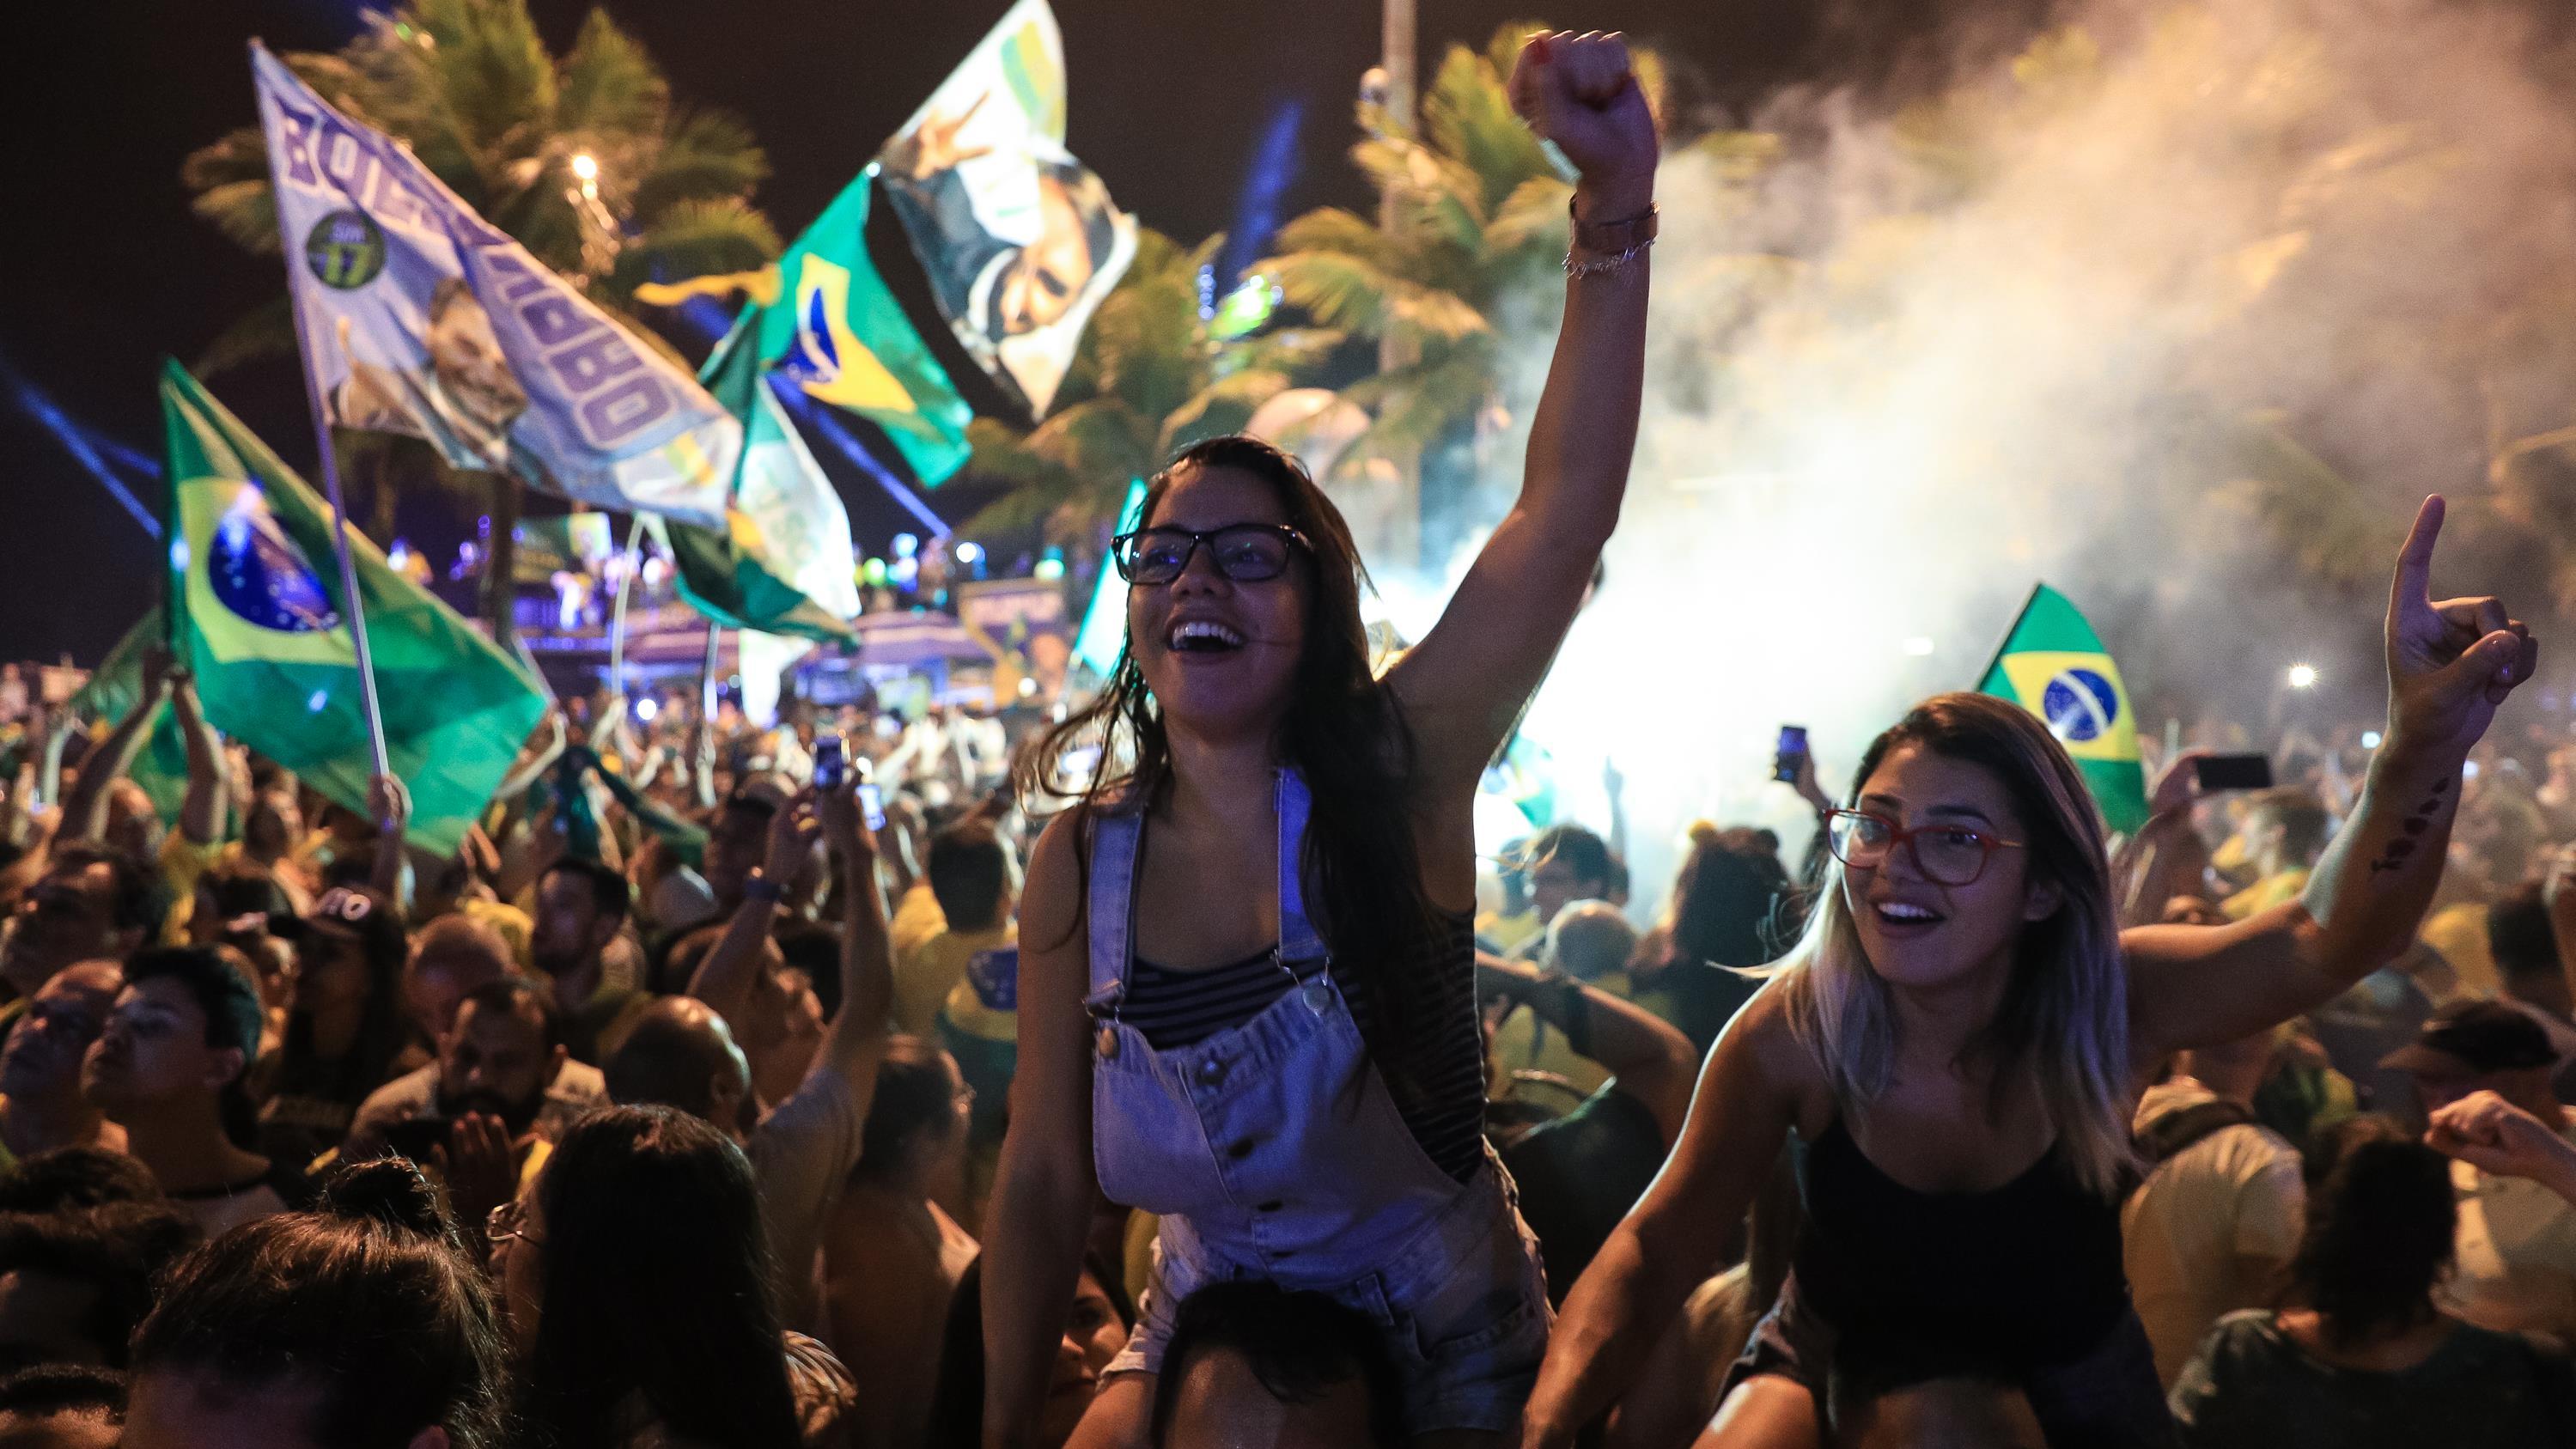 Deux jeunes admiratrices de Jair Bolsonaro célèbrent la victoire de leur candidat, le 28 octobre 2018 à Rio de Janeiro, en soulevant leur poing dans les airs au milieu de la foule.